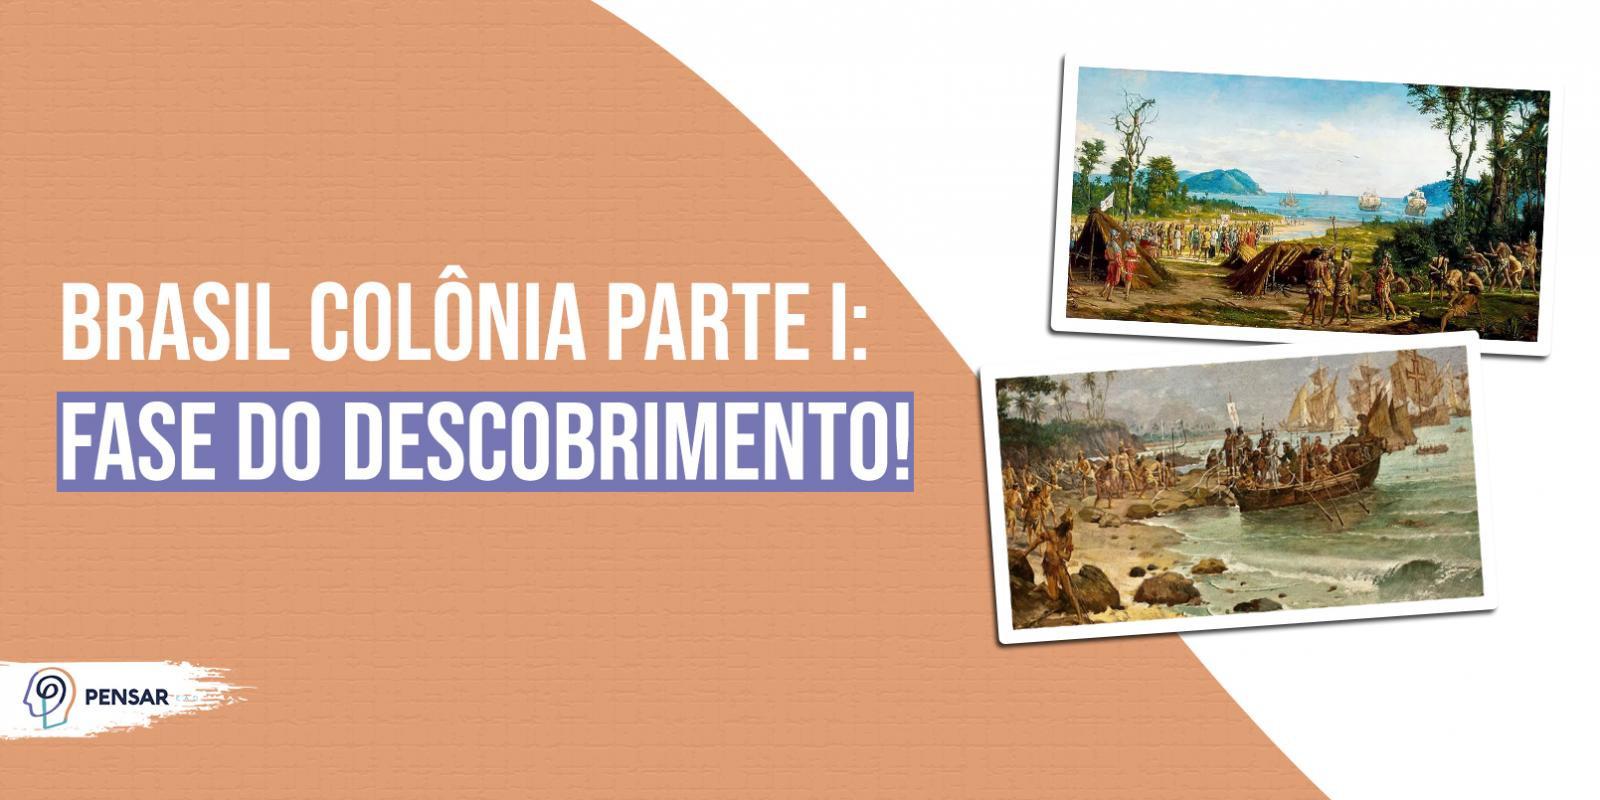 Brasil Colônia parte I: fase do descobrimento!